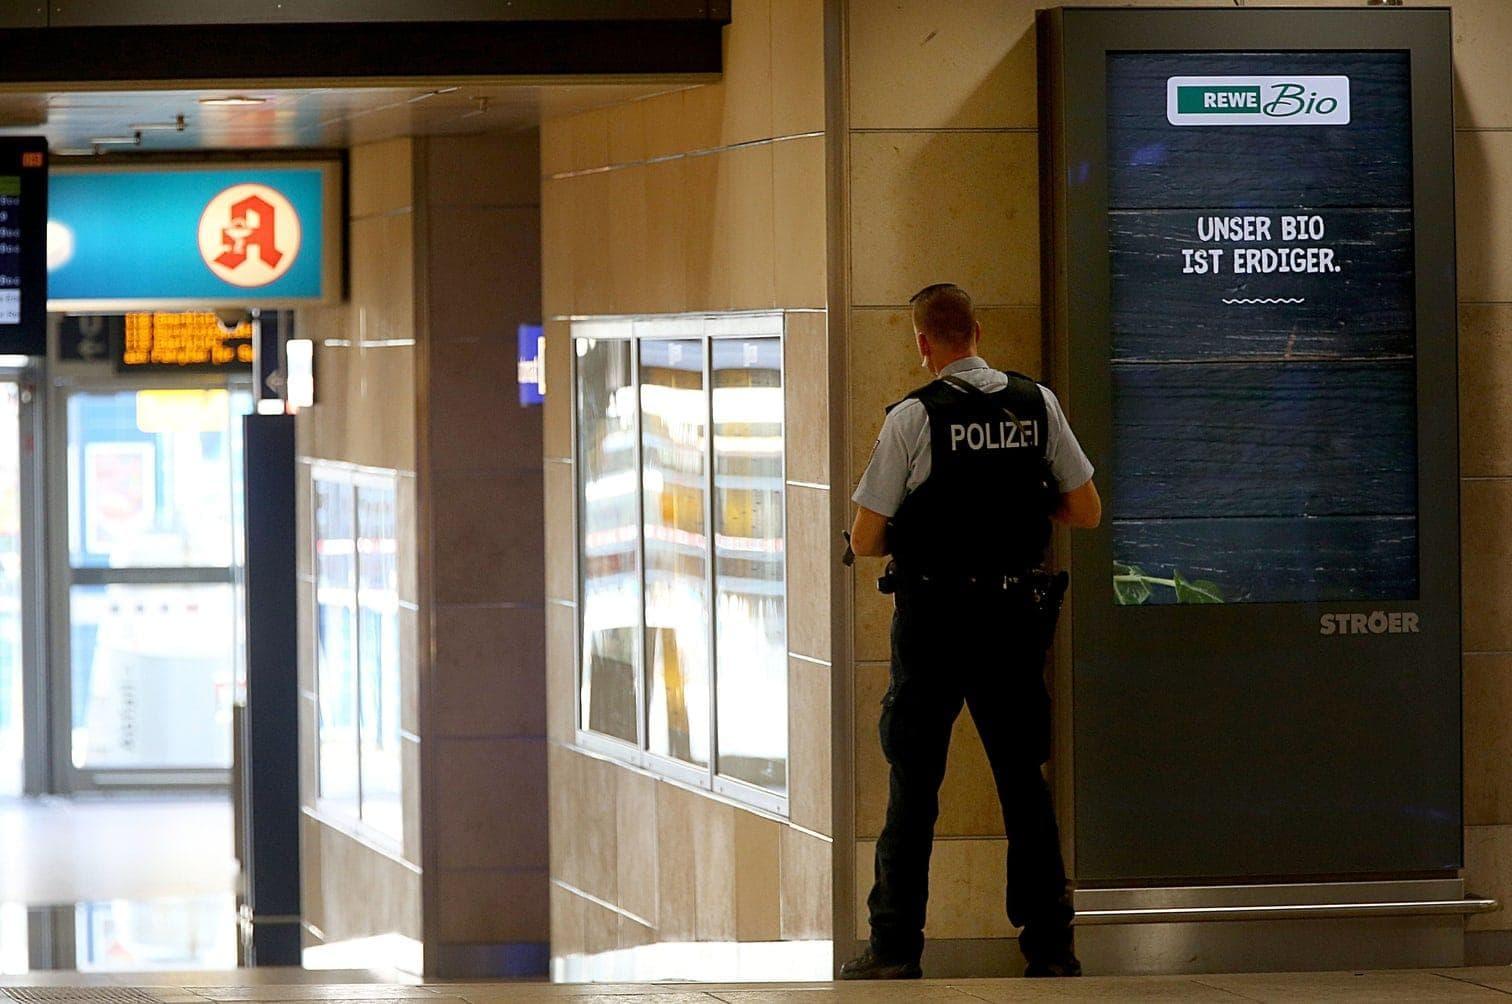 <p>Die Polizei ist mit zahlreichen Kräften vor Ort und hat Kontakt zu dem Geiselnehmer.</p> Foto: dpa/Oliver Berg